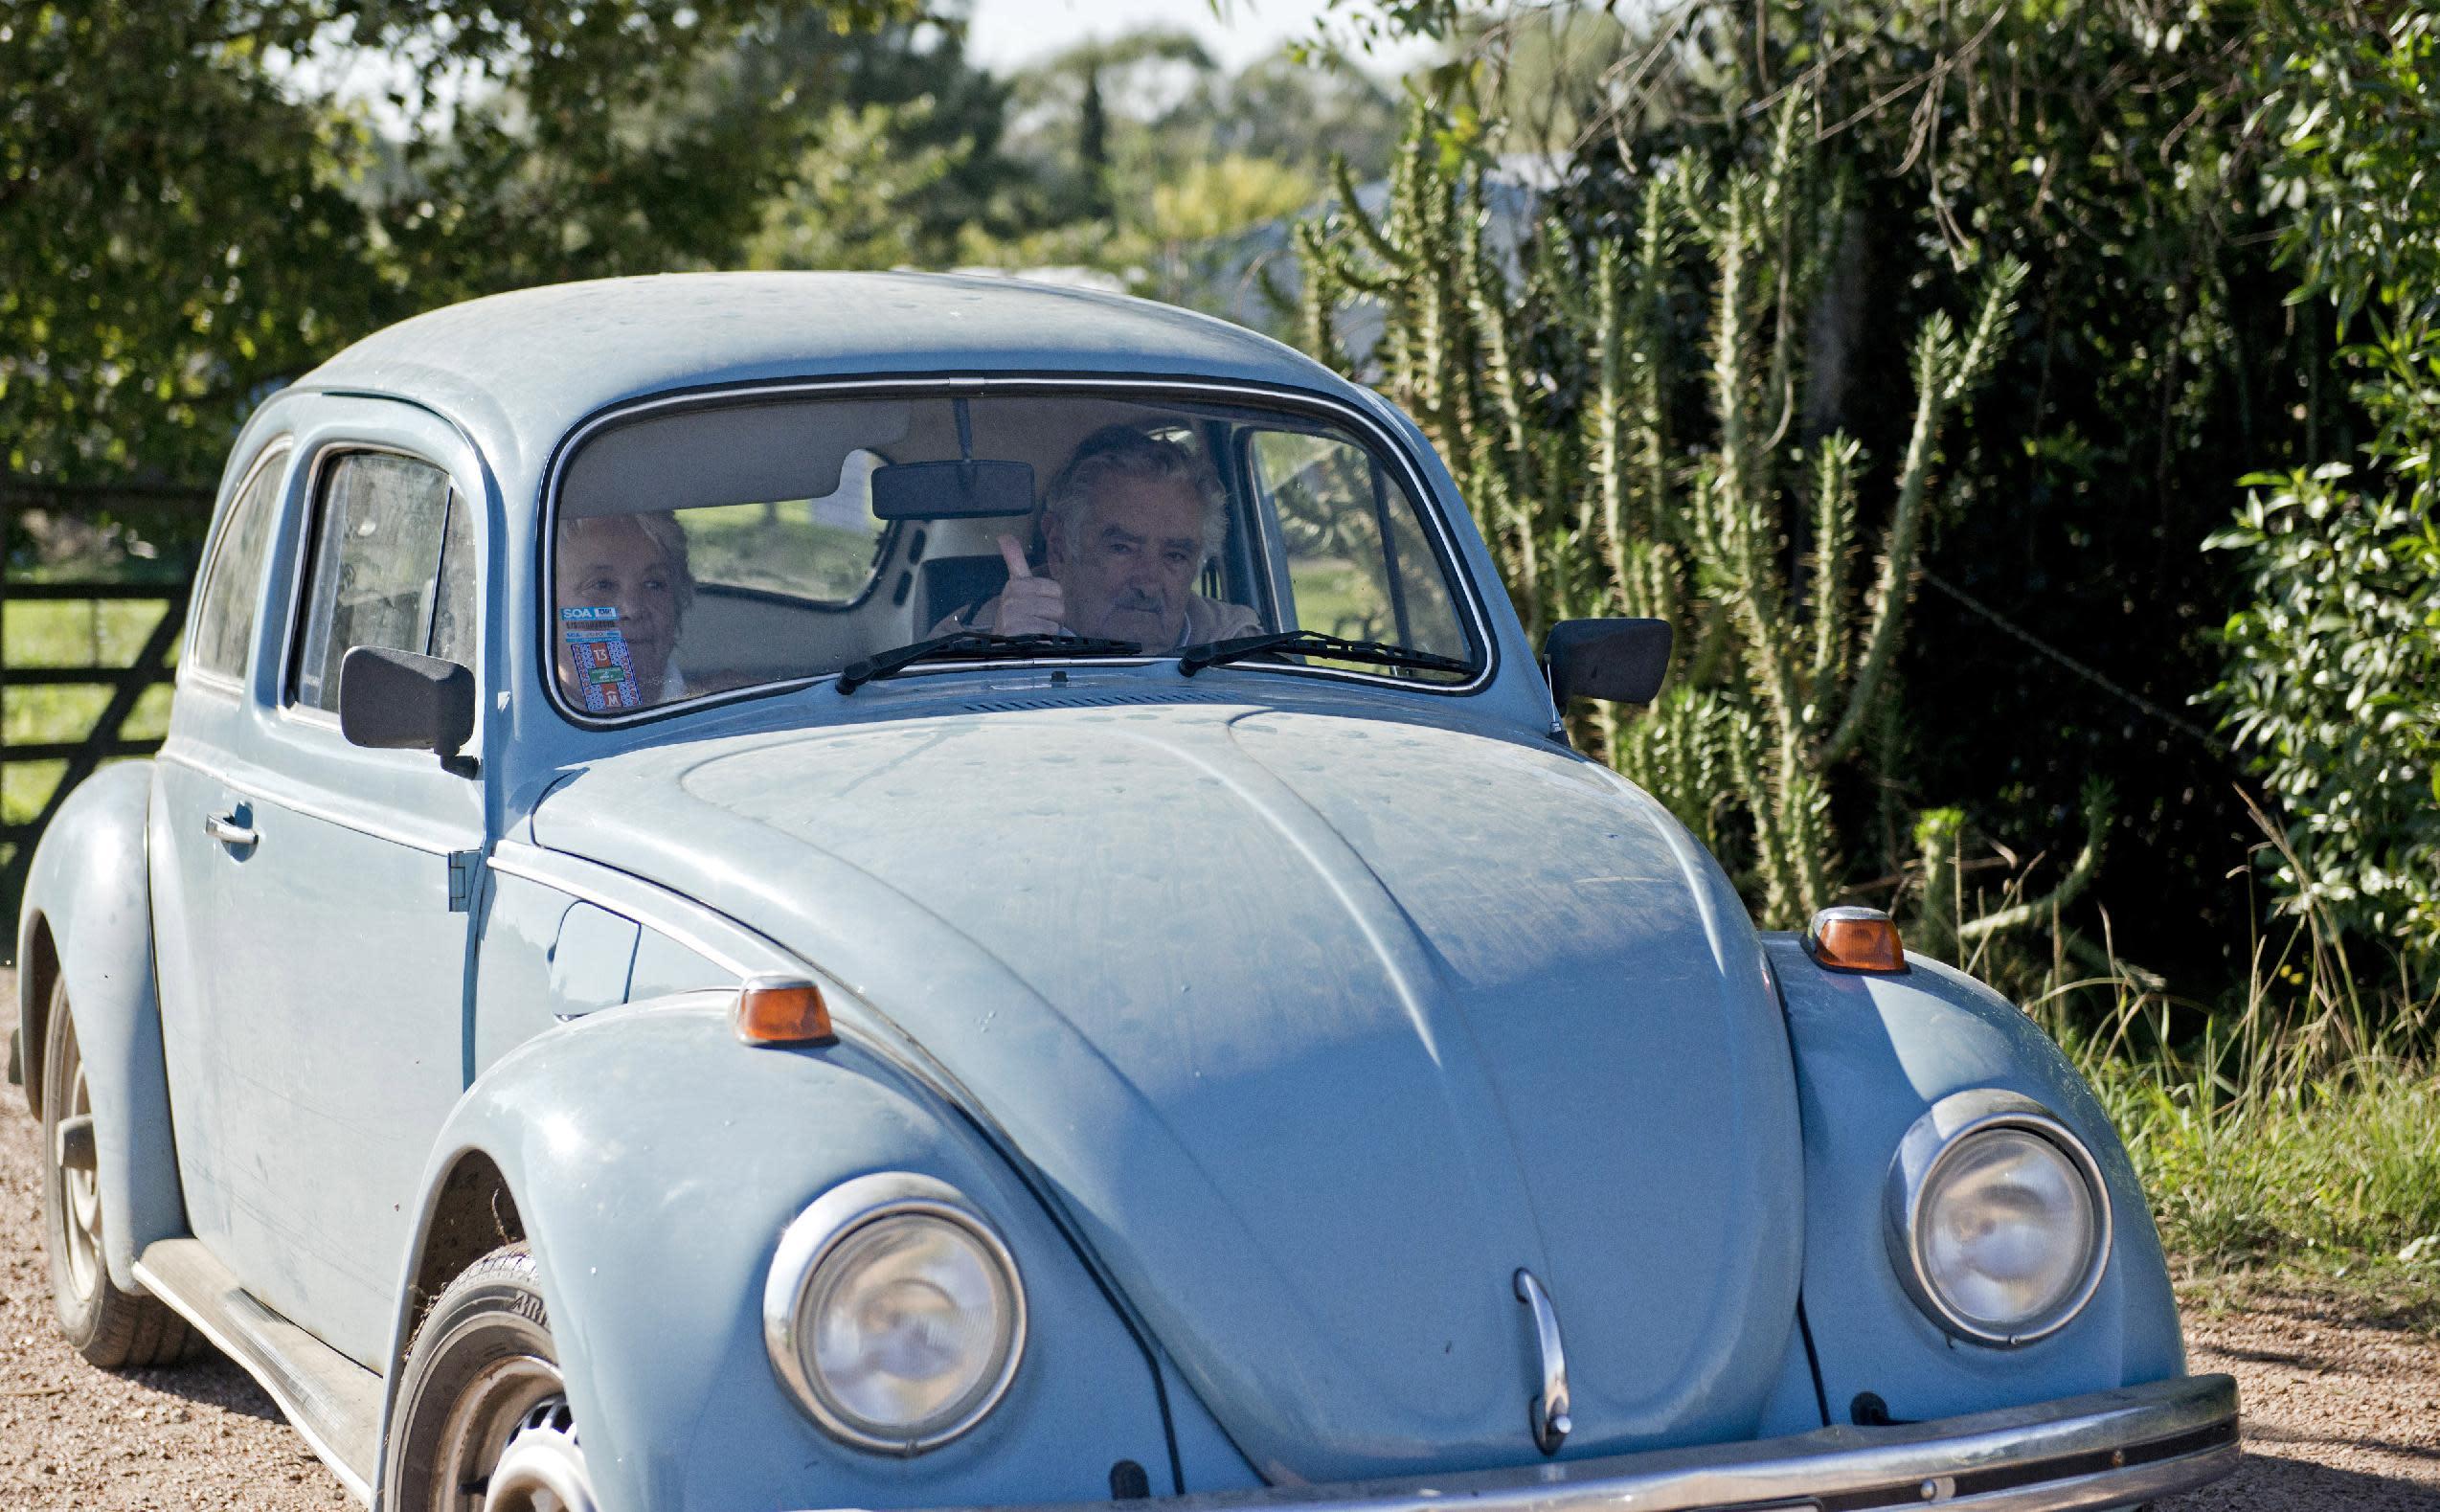 """El presidente de Uruguay José Mujica saluda con su pulgar derecho desde su automóvil cuando junto a su esposa, la senadora Lucia Topolansky, abandona su casa después de haber concedido una entrevista en su residencia en las afueras de Montevideo, Uruguay, el viernes 2 de mayo de 2014. Mujica en una entrevista exclusiva con The Associated Press defendió el viernes el plan para legalizar la marihuana de Uruguay y lo consideró mejor que el que se ha establecido en Colorado, Estados Unidos, donde según el mandatario, hay una gran """"hipocresía"""".(AP Photo/Matilde Campodonico)"""